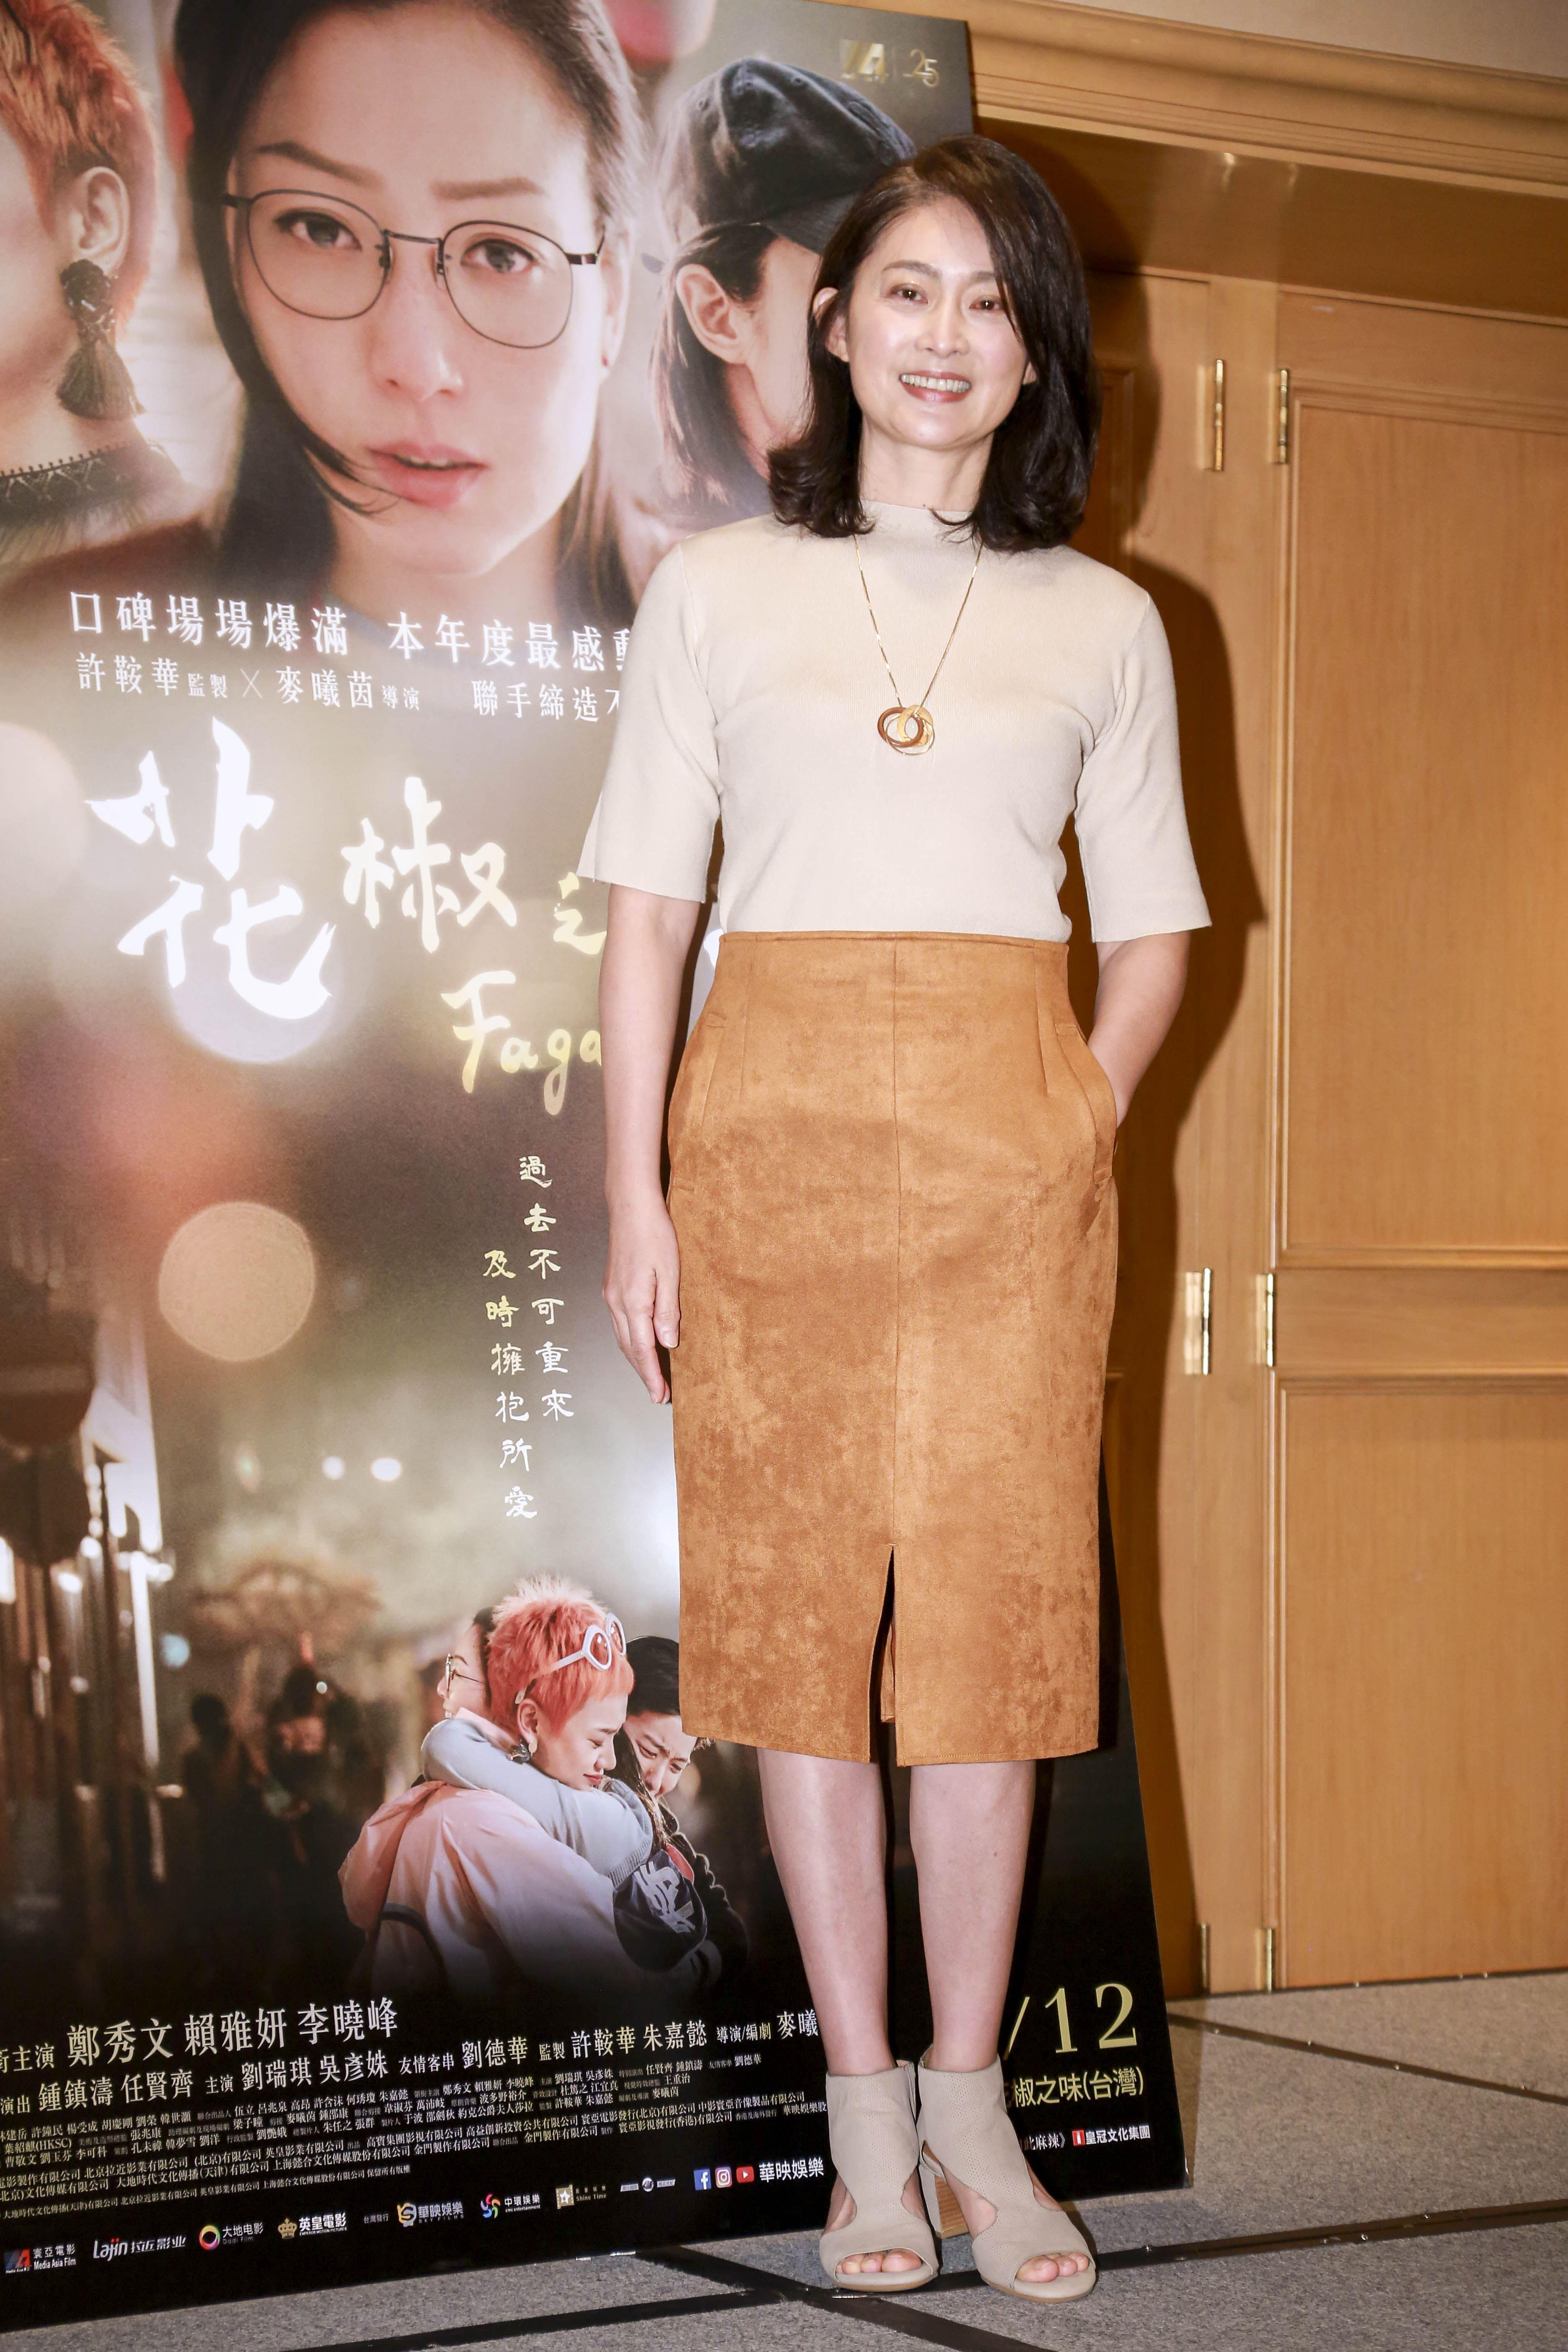 電影《花椒之味》媒體茶會,主演劉瑞琪。(圖/記者林士傑攝影)